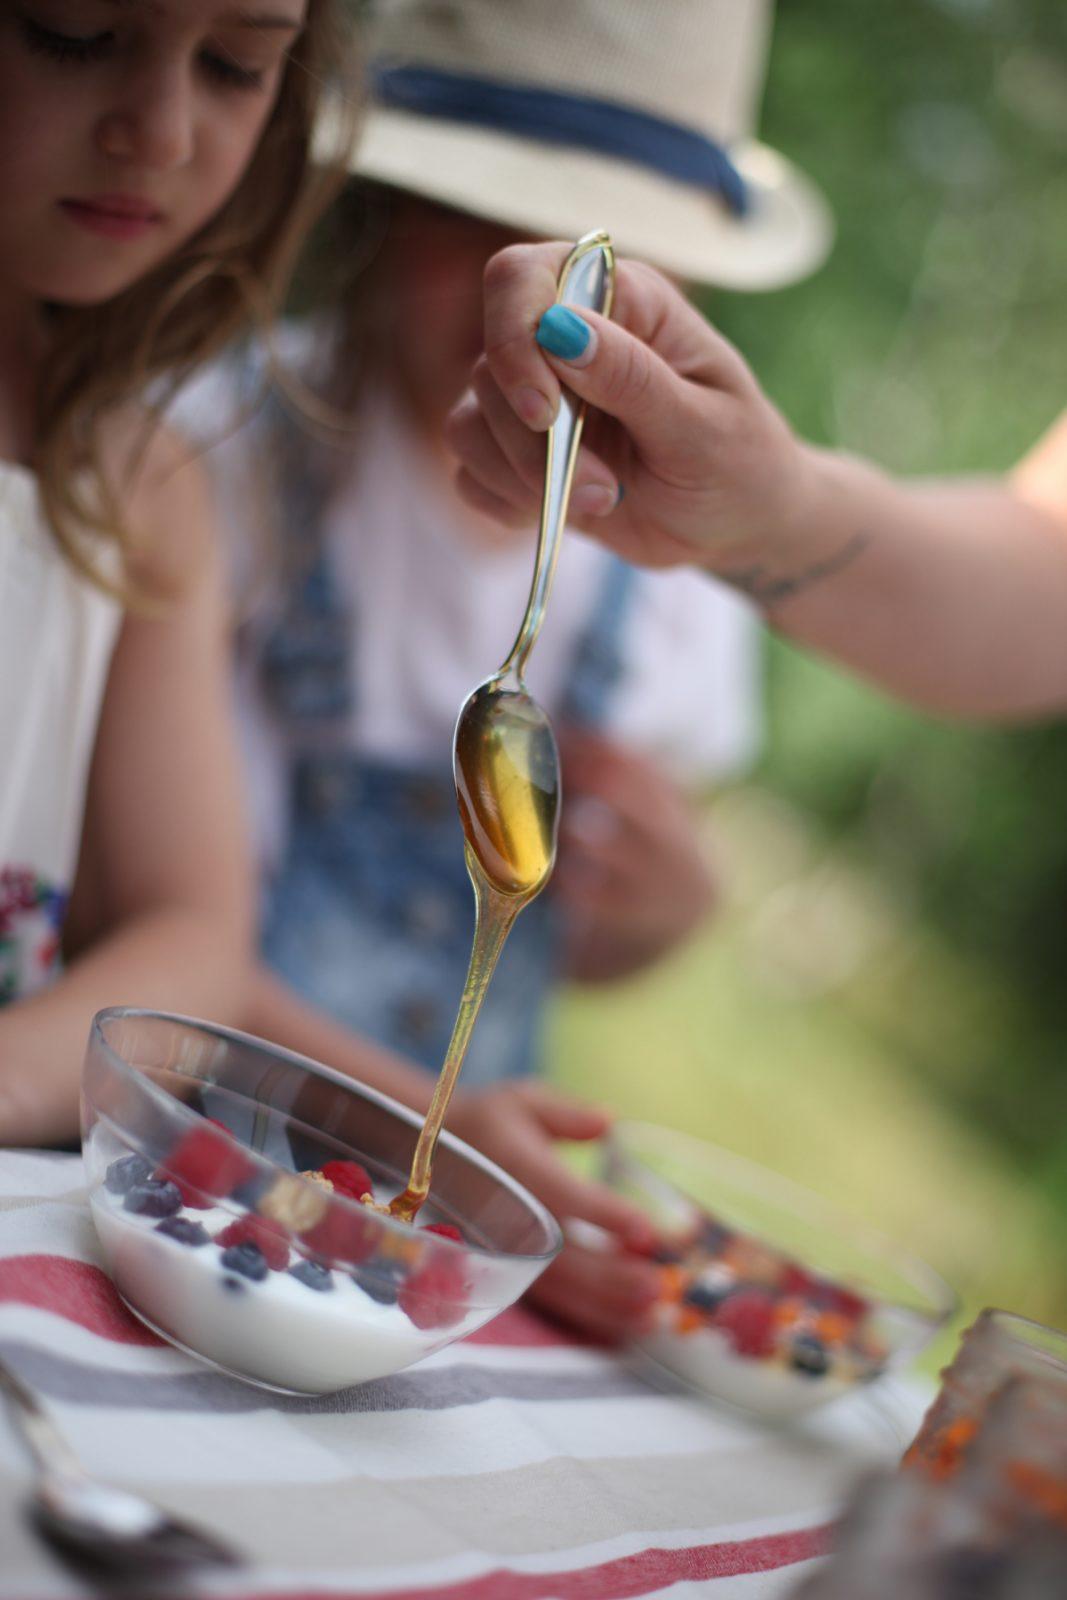 Tourisme Montmagny organise une dégustation gourmande au Marché public de Montmagny